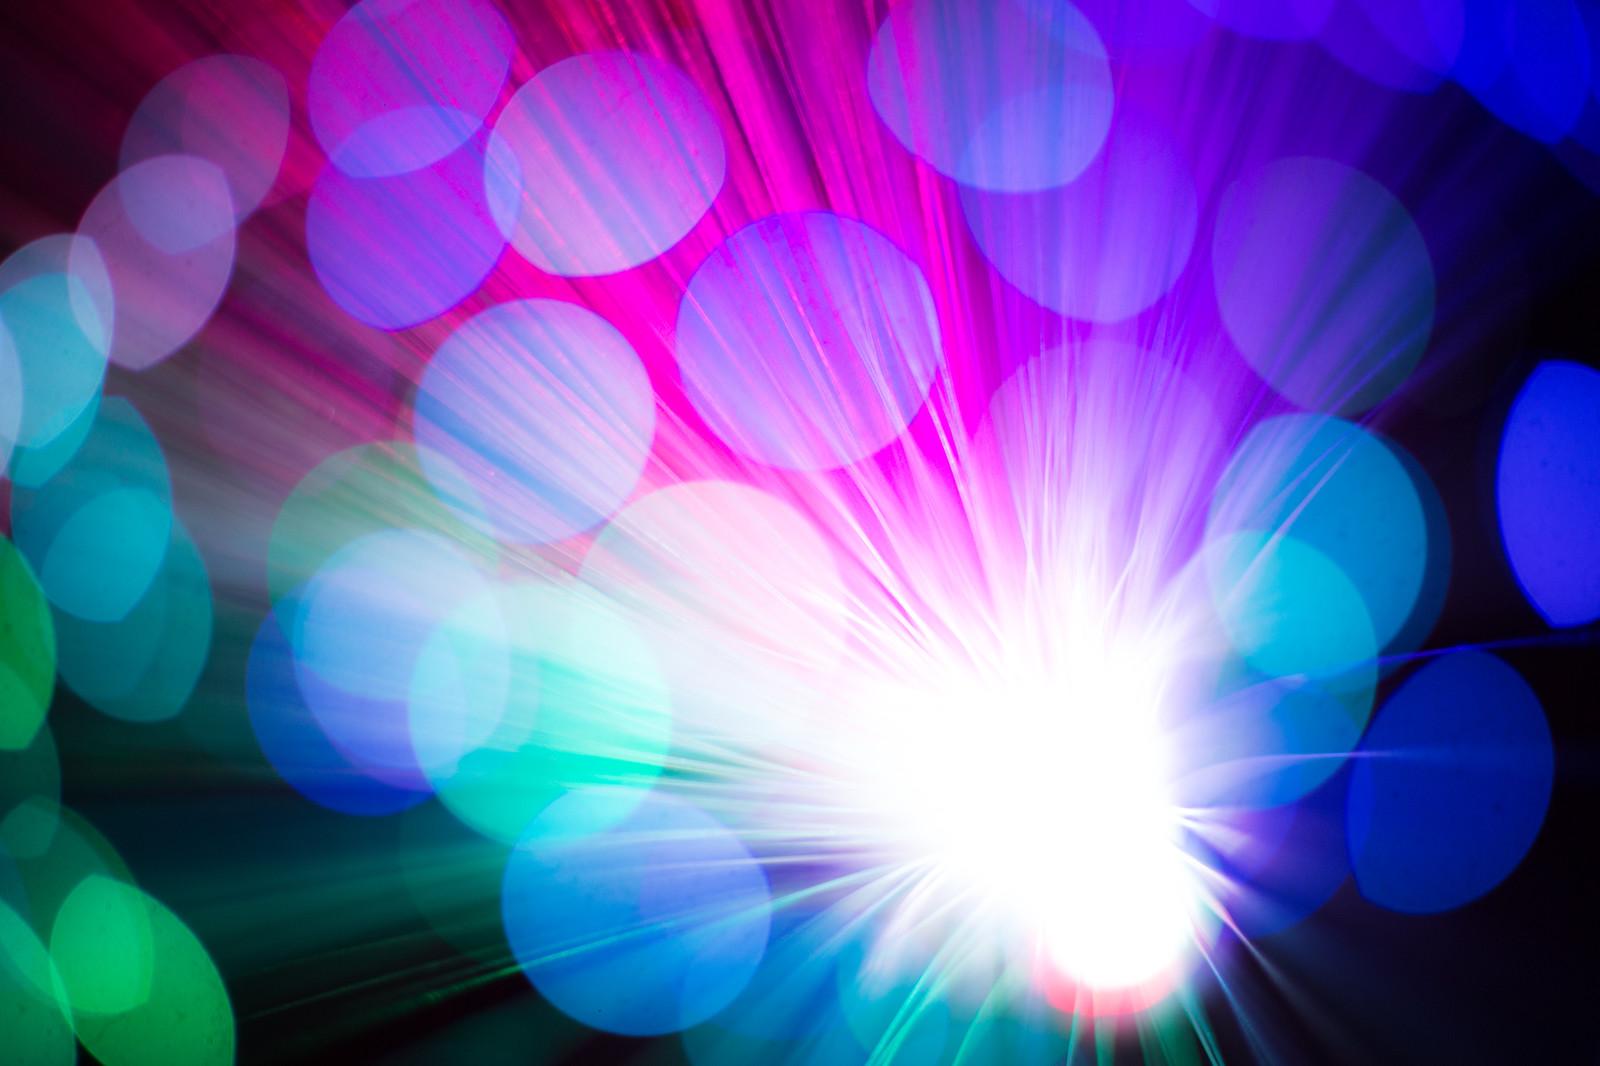 目の錯覚画像!「色が変わるドレス」など脳を刺激する錯視まとめ